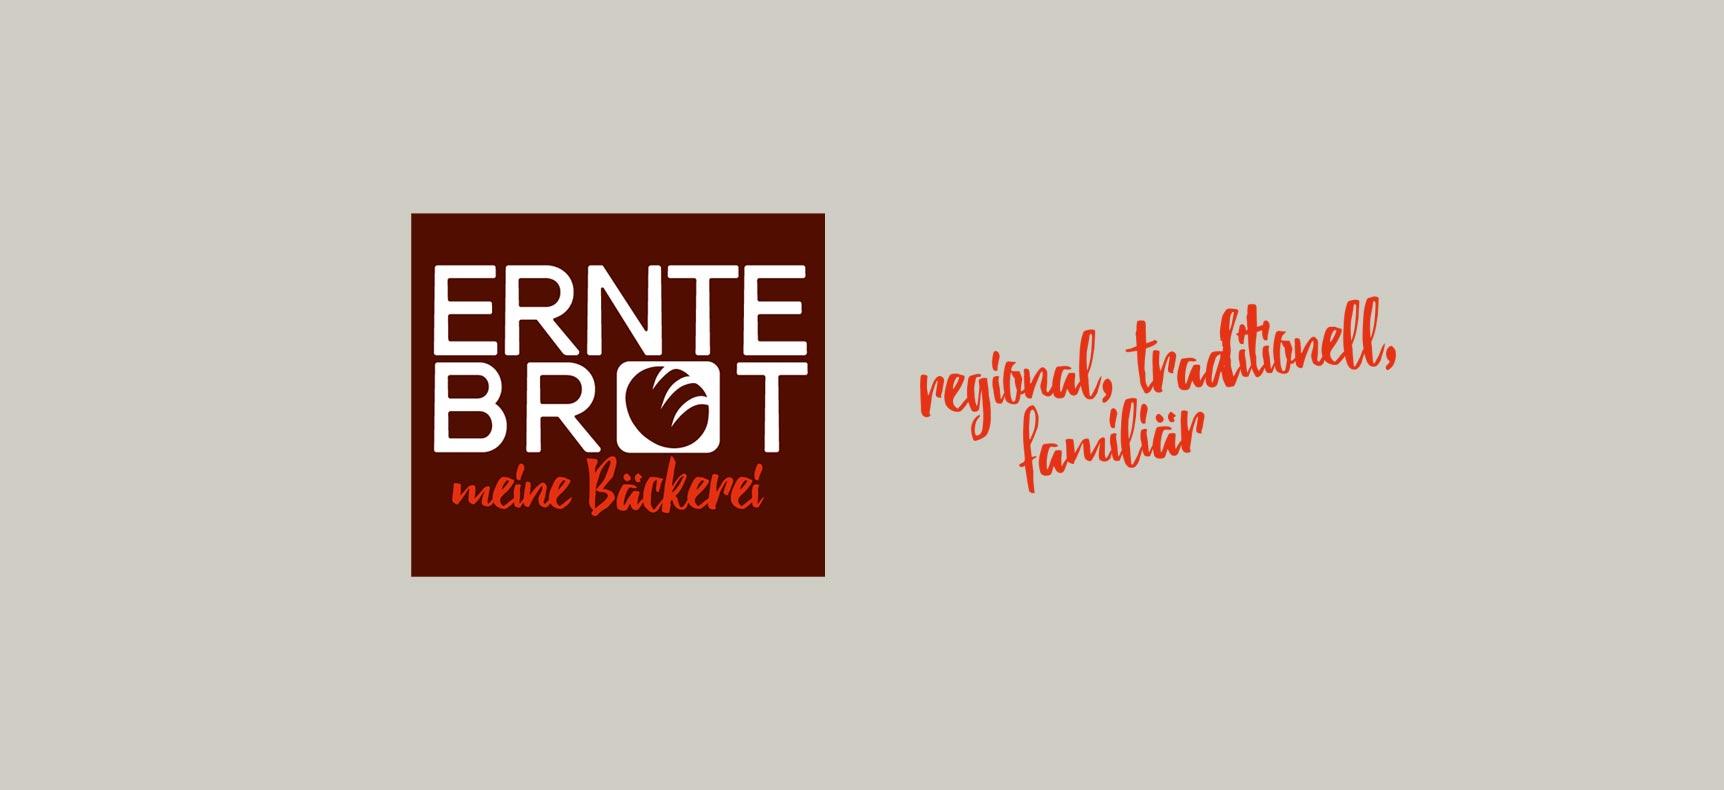 Bäckerei Erntebrot | Corporate Design entwickelt von StatusZwo.com